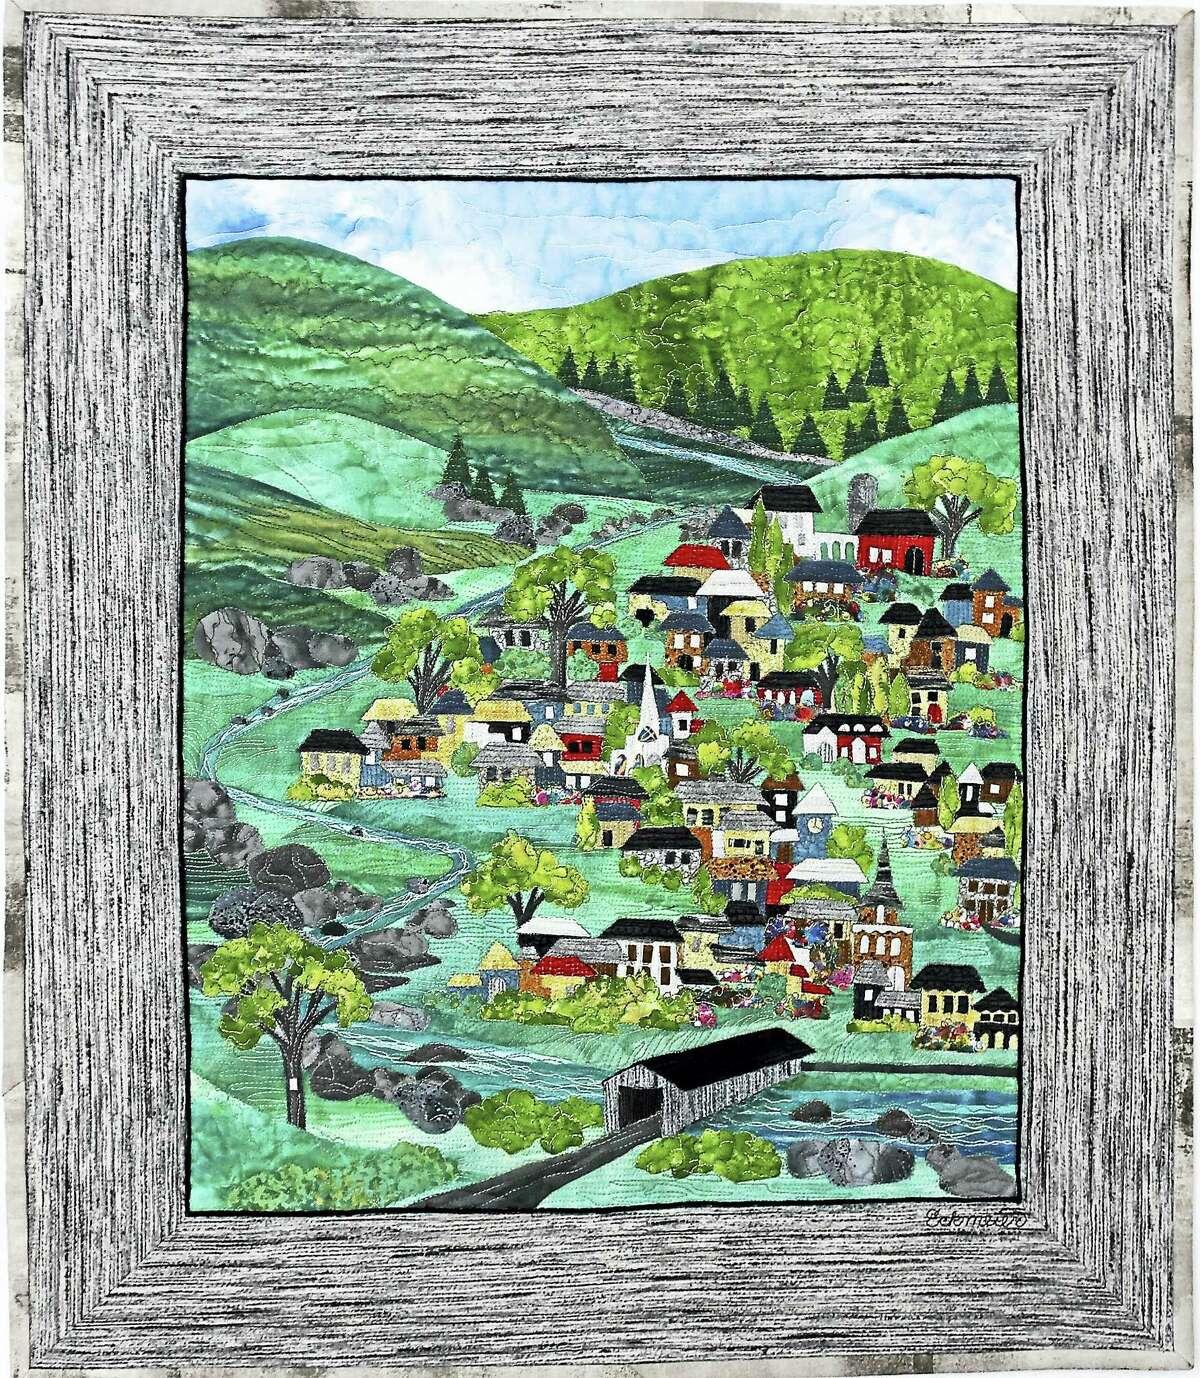 Contributed photoNew England Village, an art quilt by Karen Eckmeier.